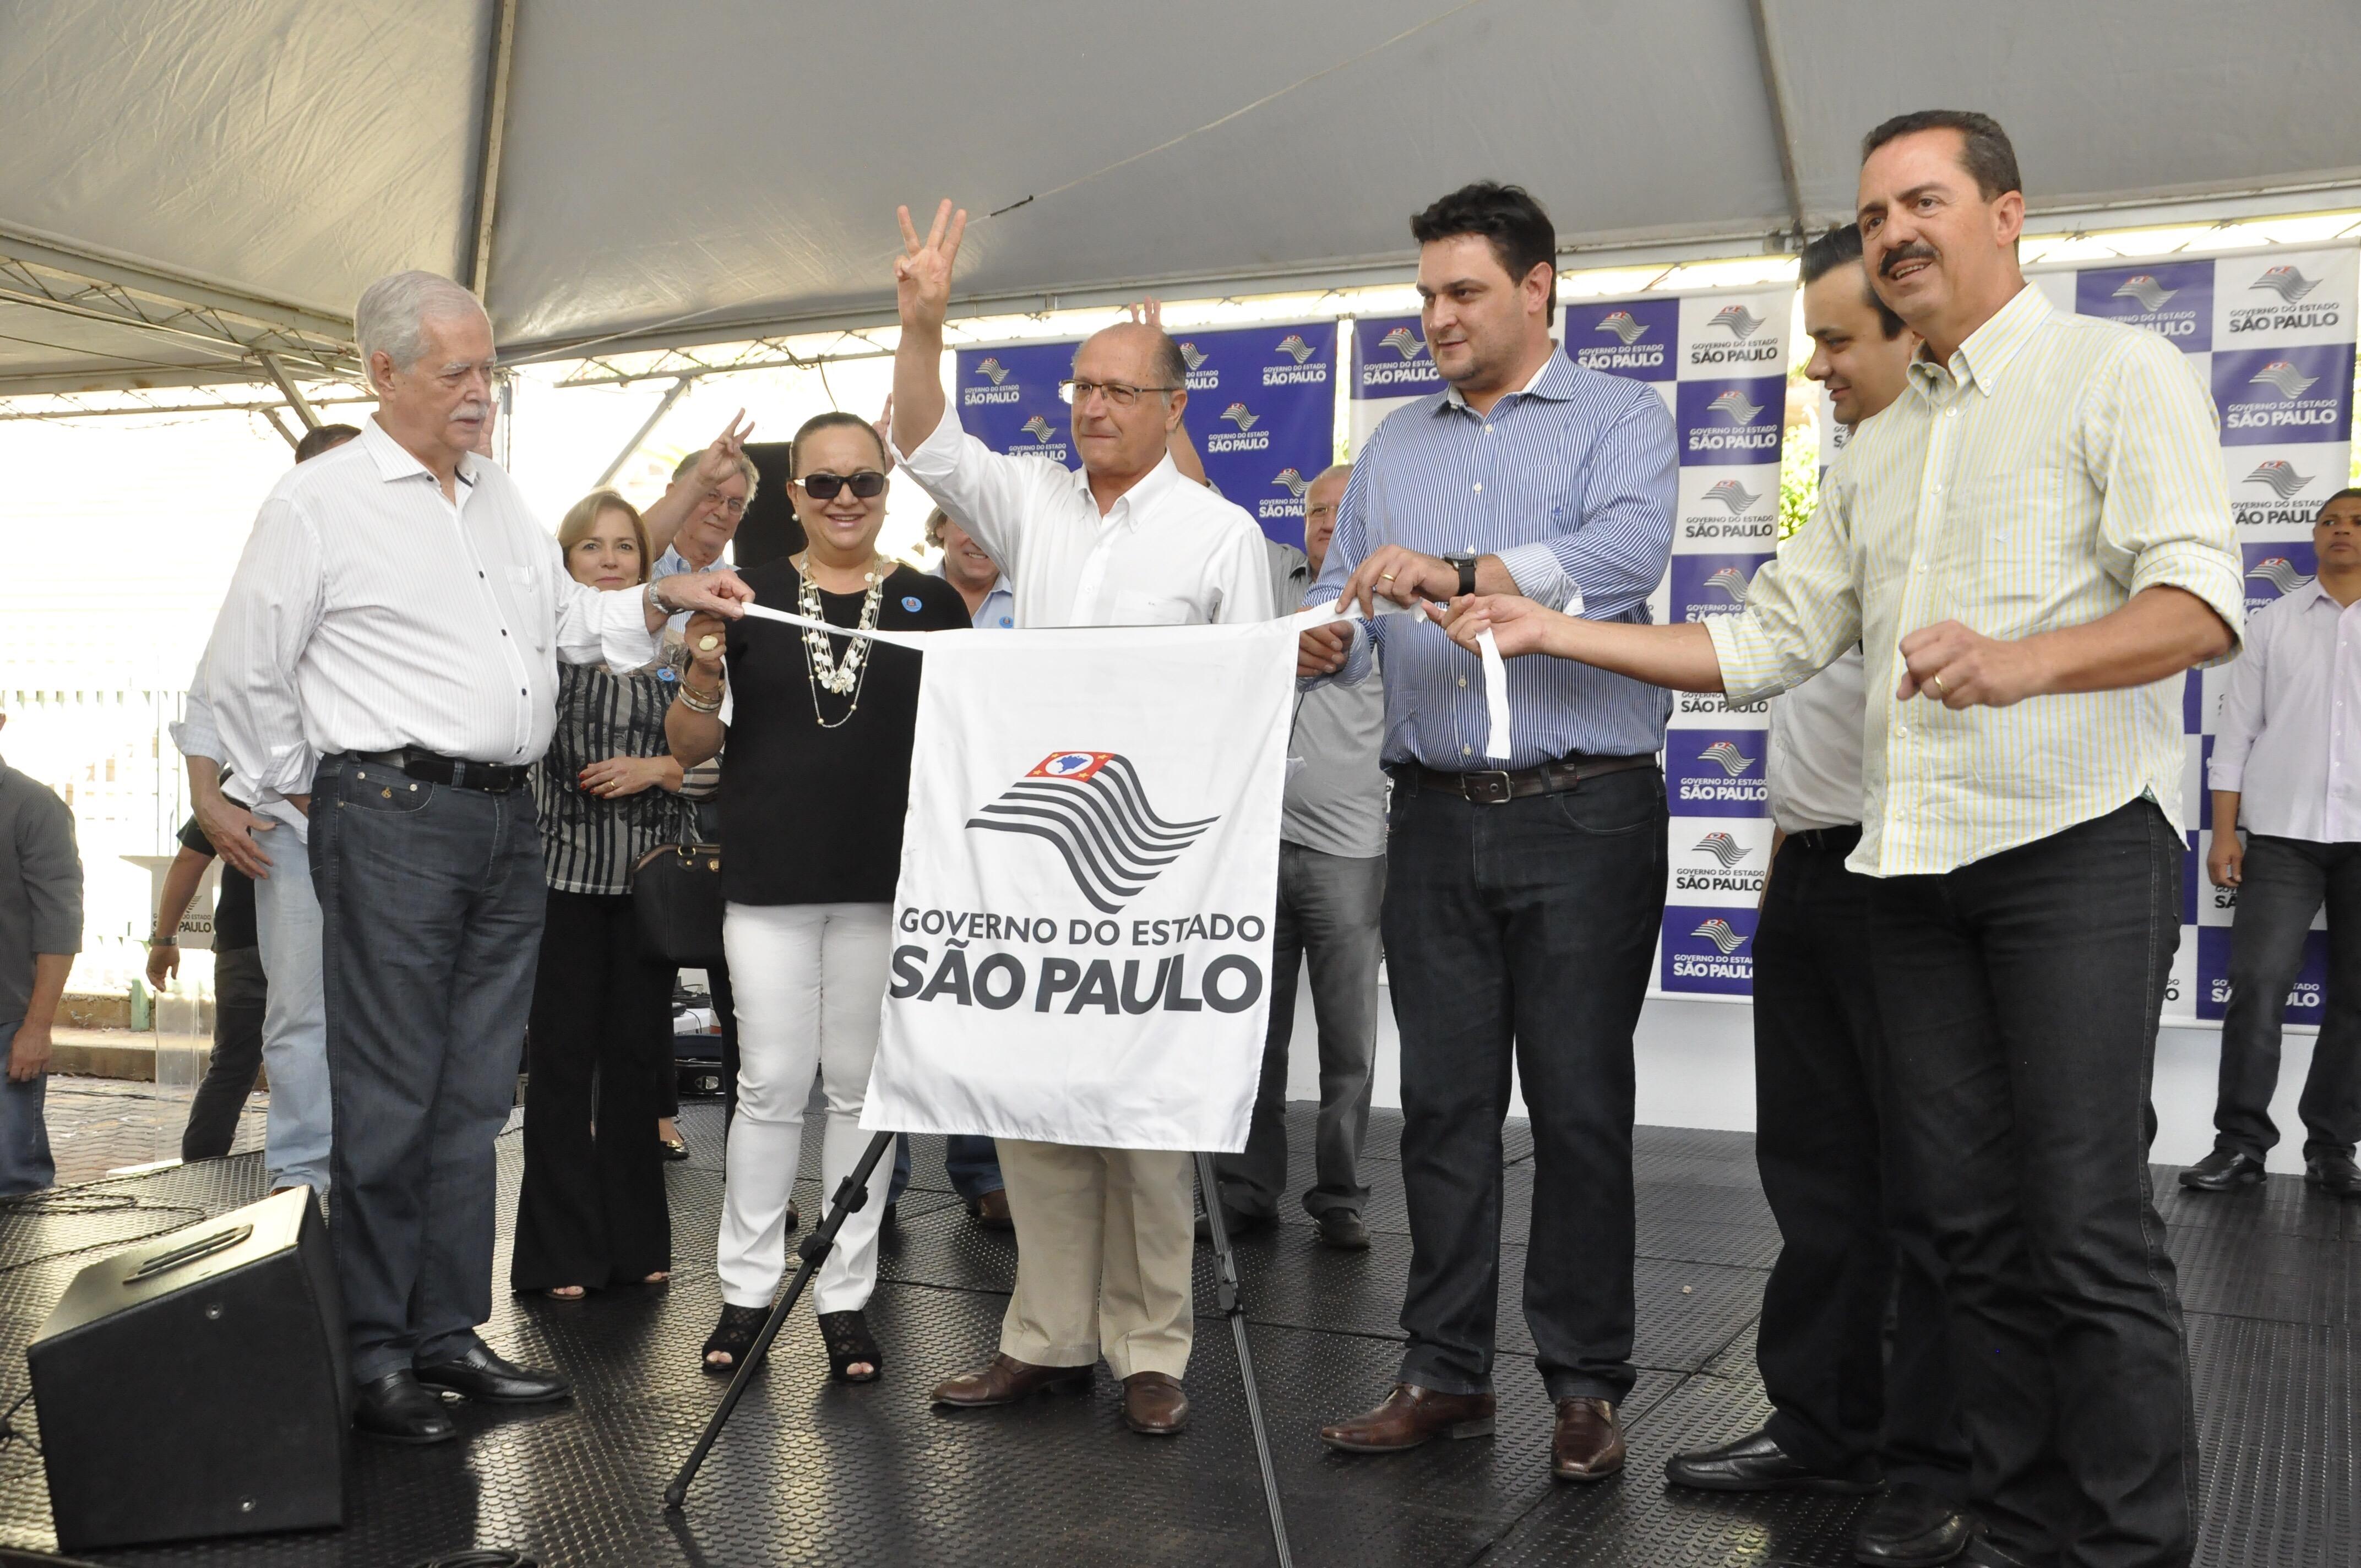 Alckmin faz contagem regressiva para descerrar a fita inaugural da obra